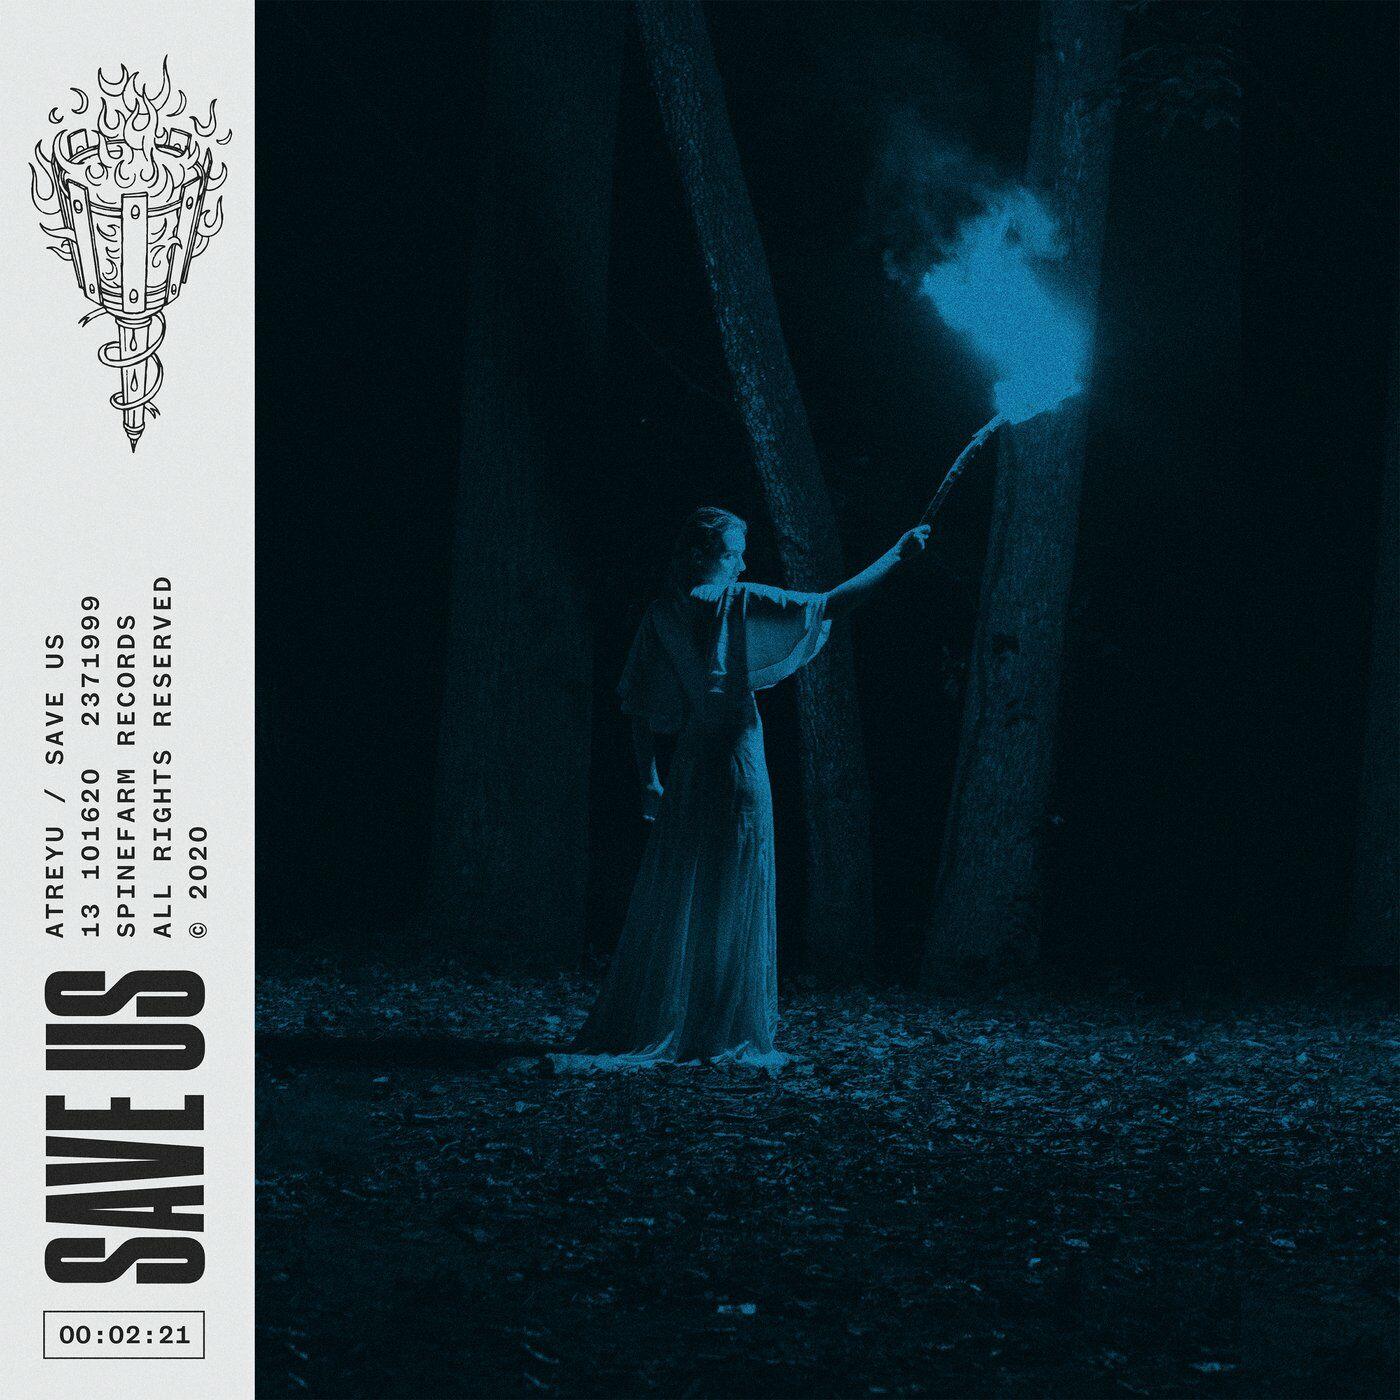 Atreyu - Save Us [single] (2020)